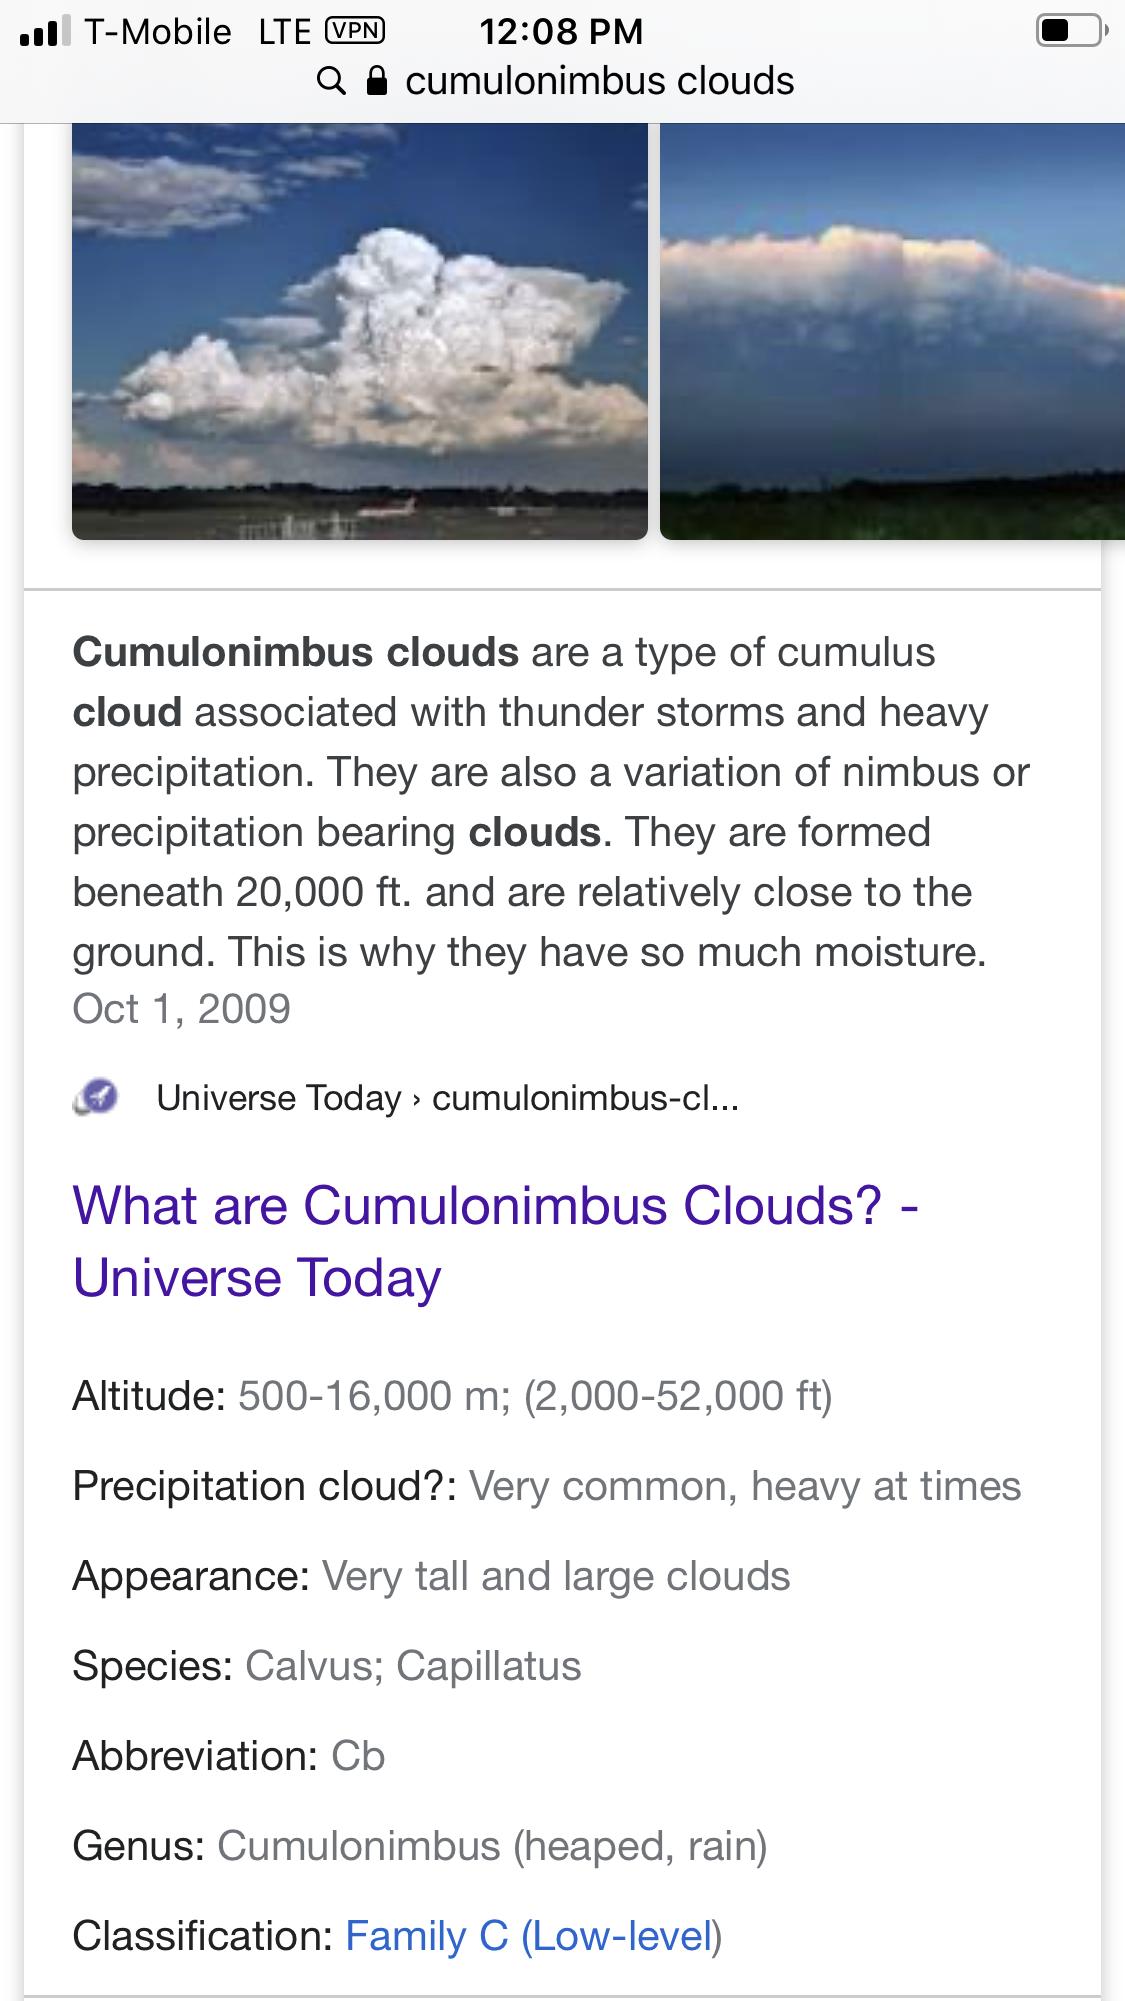 Pin By Gail Giancaspro On Clouds Cumulus Clouds Clouds Cumulonimbus Cloud